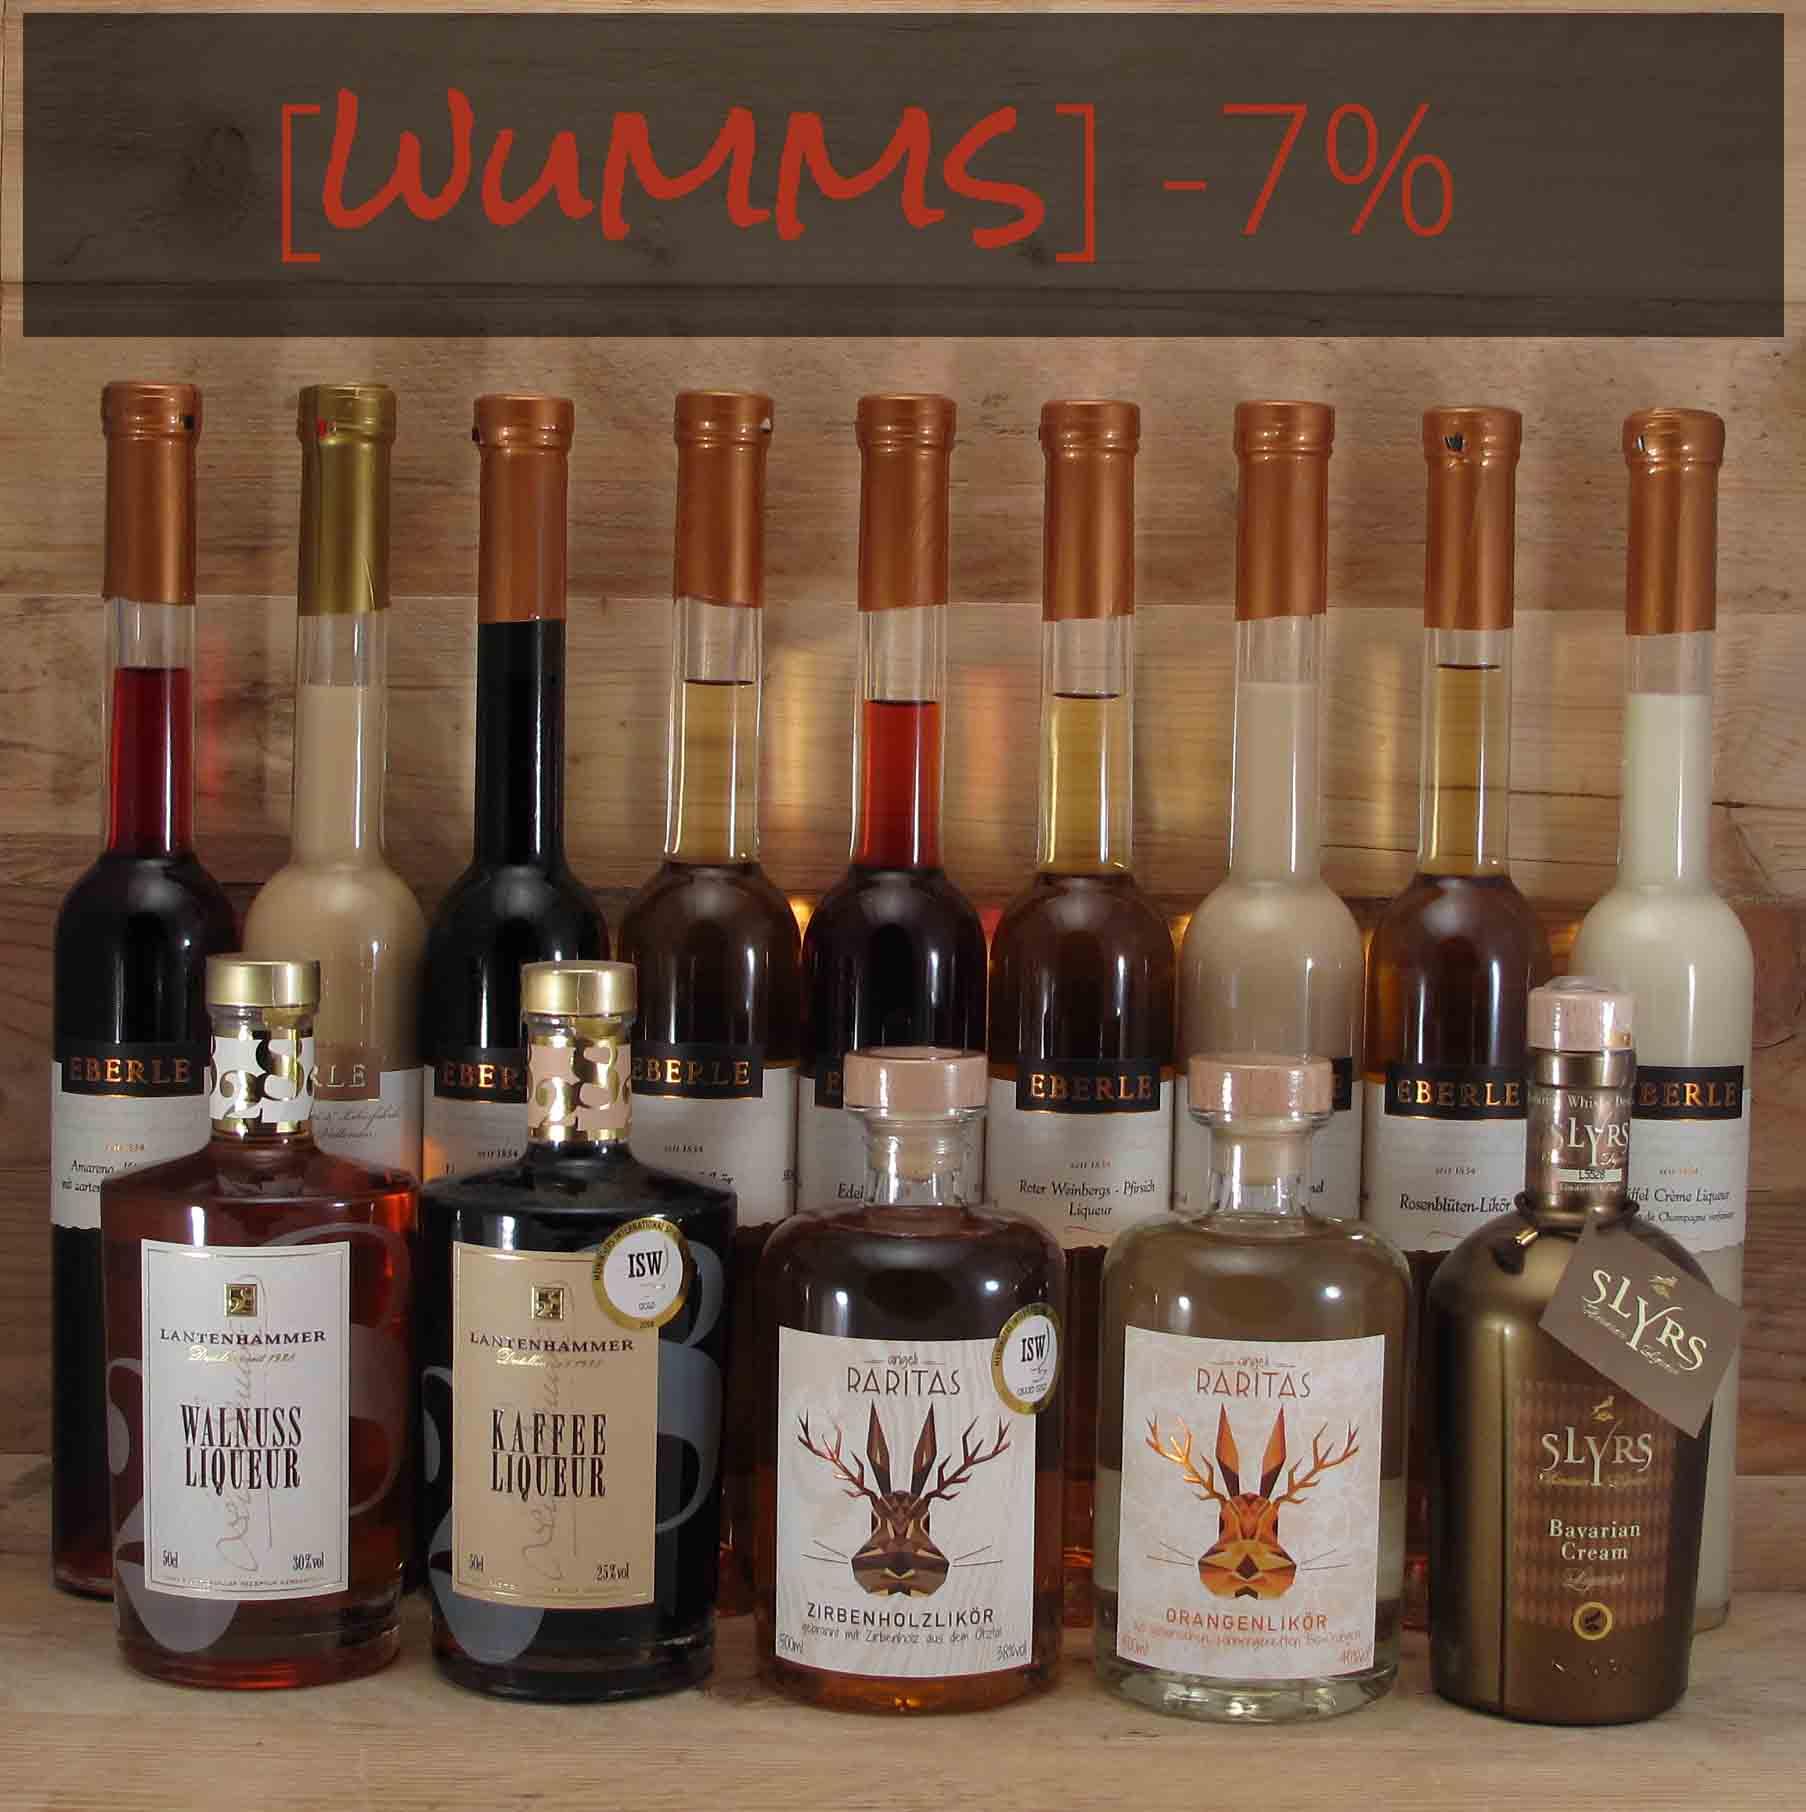 wumms-Likore-7-Kopie